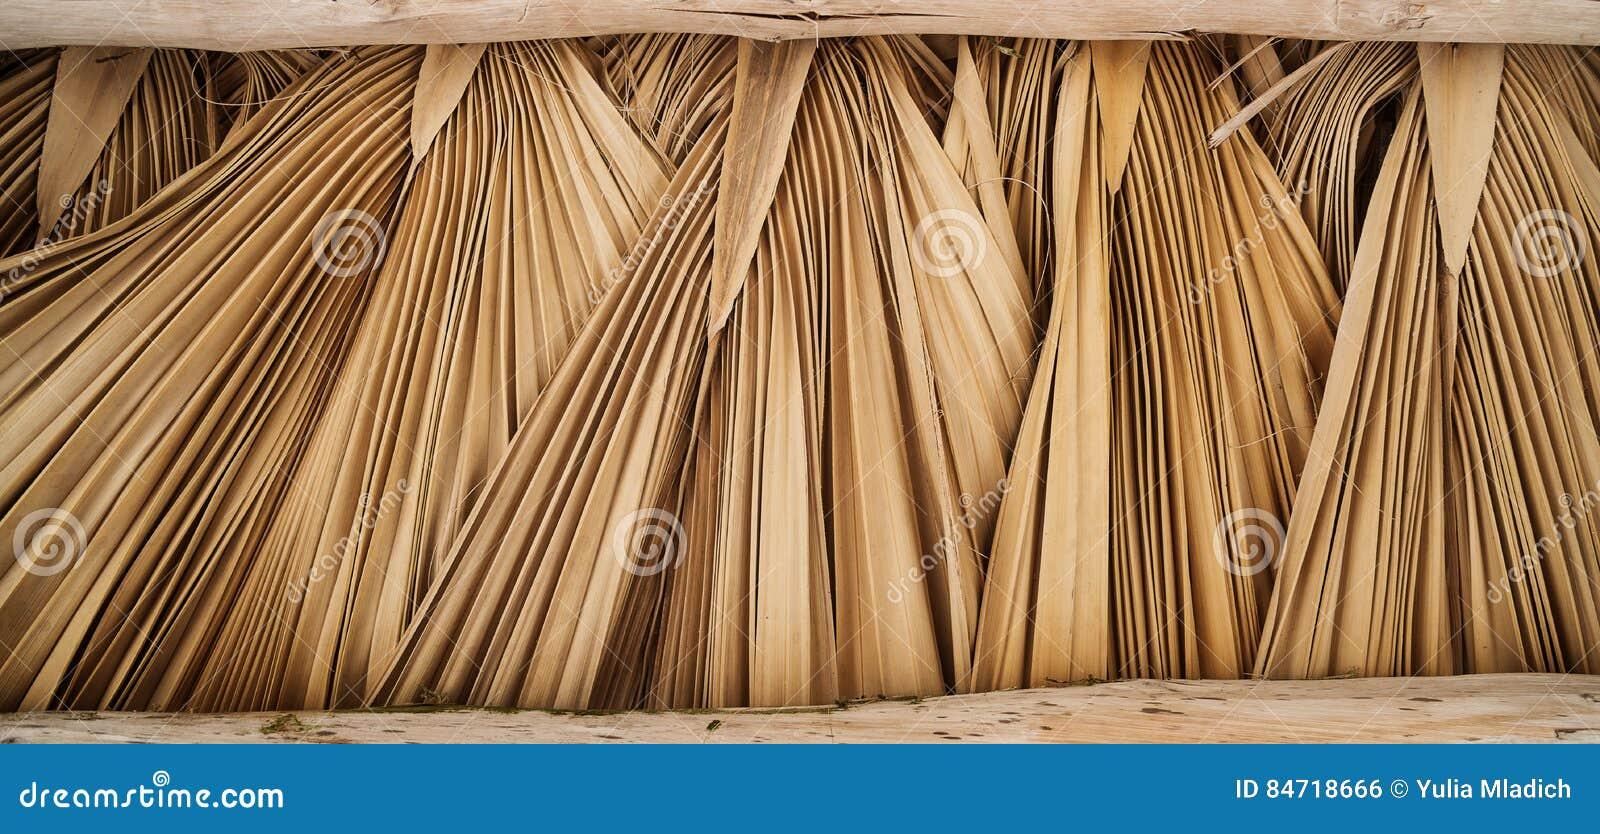 Fotos de palmas secas 68